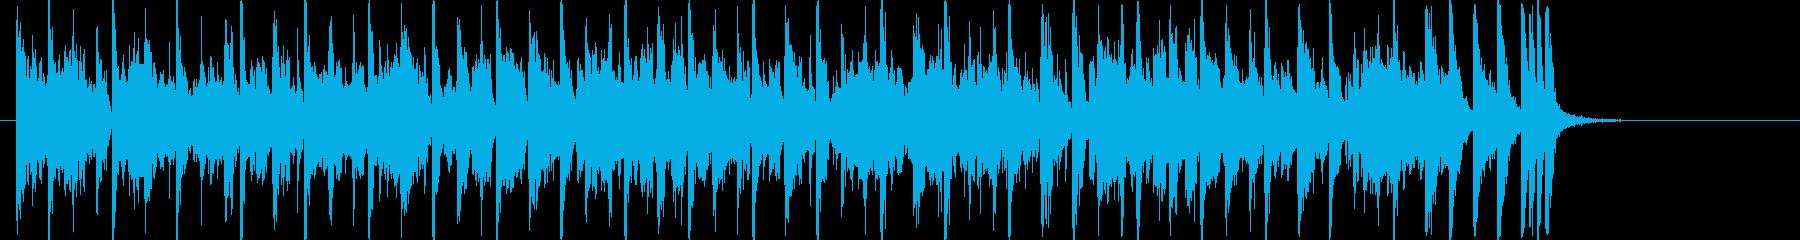 30秒 Vo無 レトロ元気な映像B37 の再生済みの波形